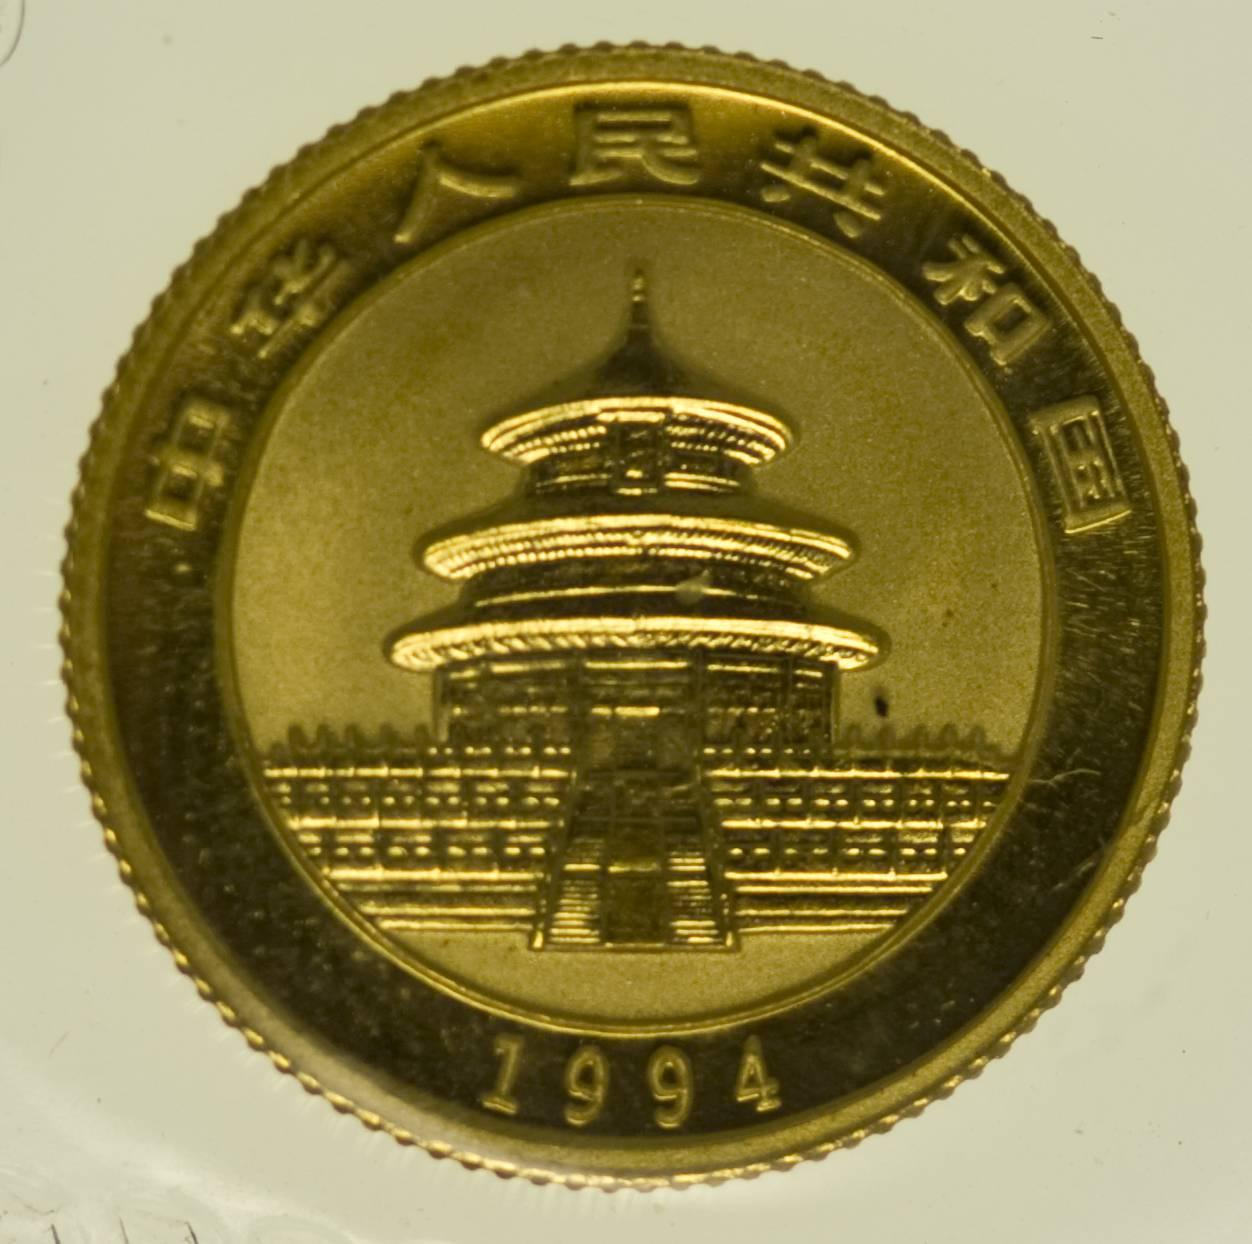 1/10 Unze Goldmünze China Panda 1994 10 Yuan 3,11 Gramm fein Gold RAR